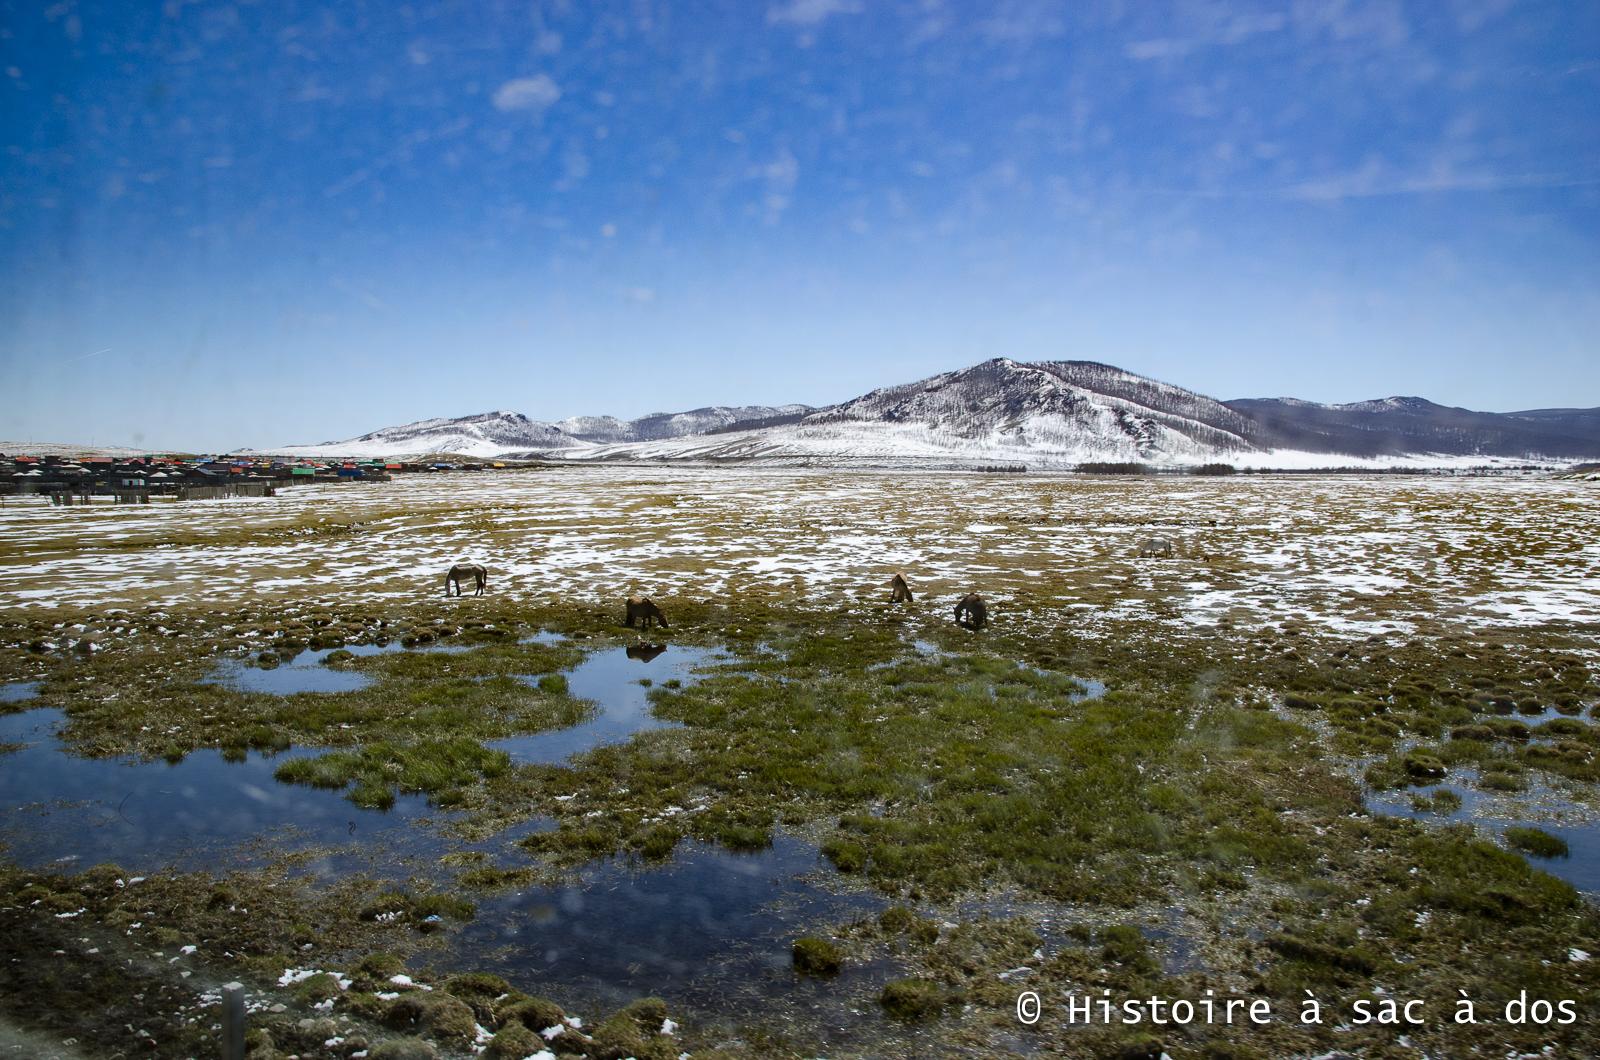 Mongolie. Photo prise à bord du Transmongol. Les vitres poussiéreuses témoignent de la traversée du désert Tengger-Alashan.